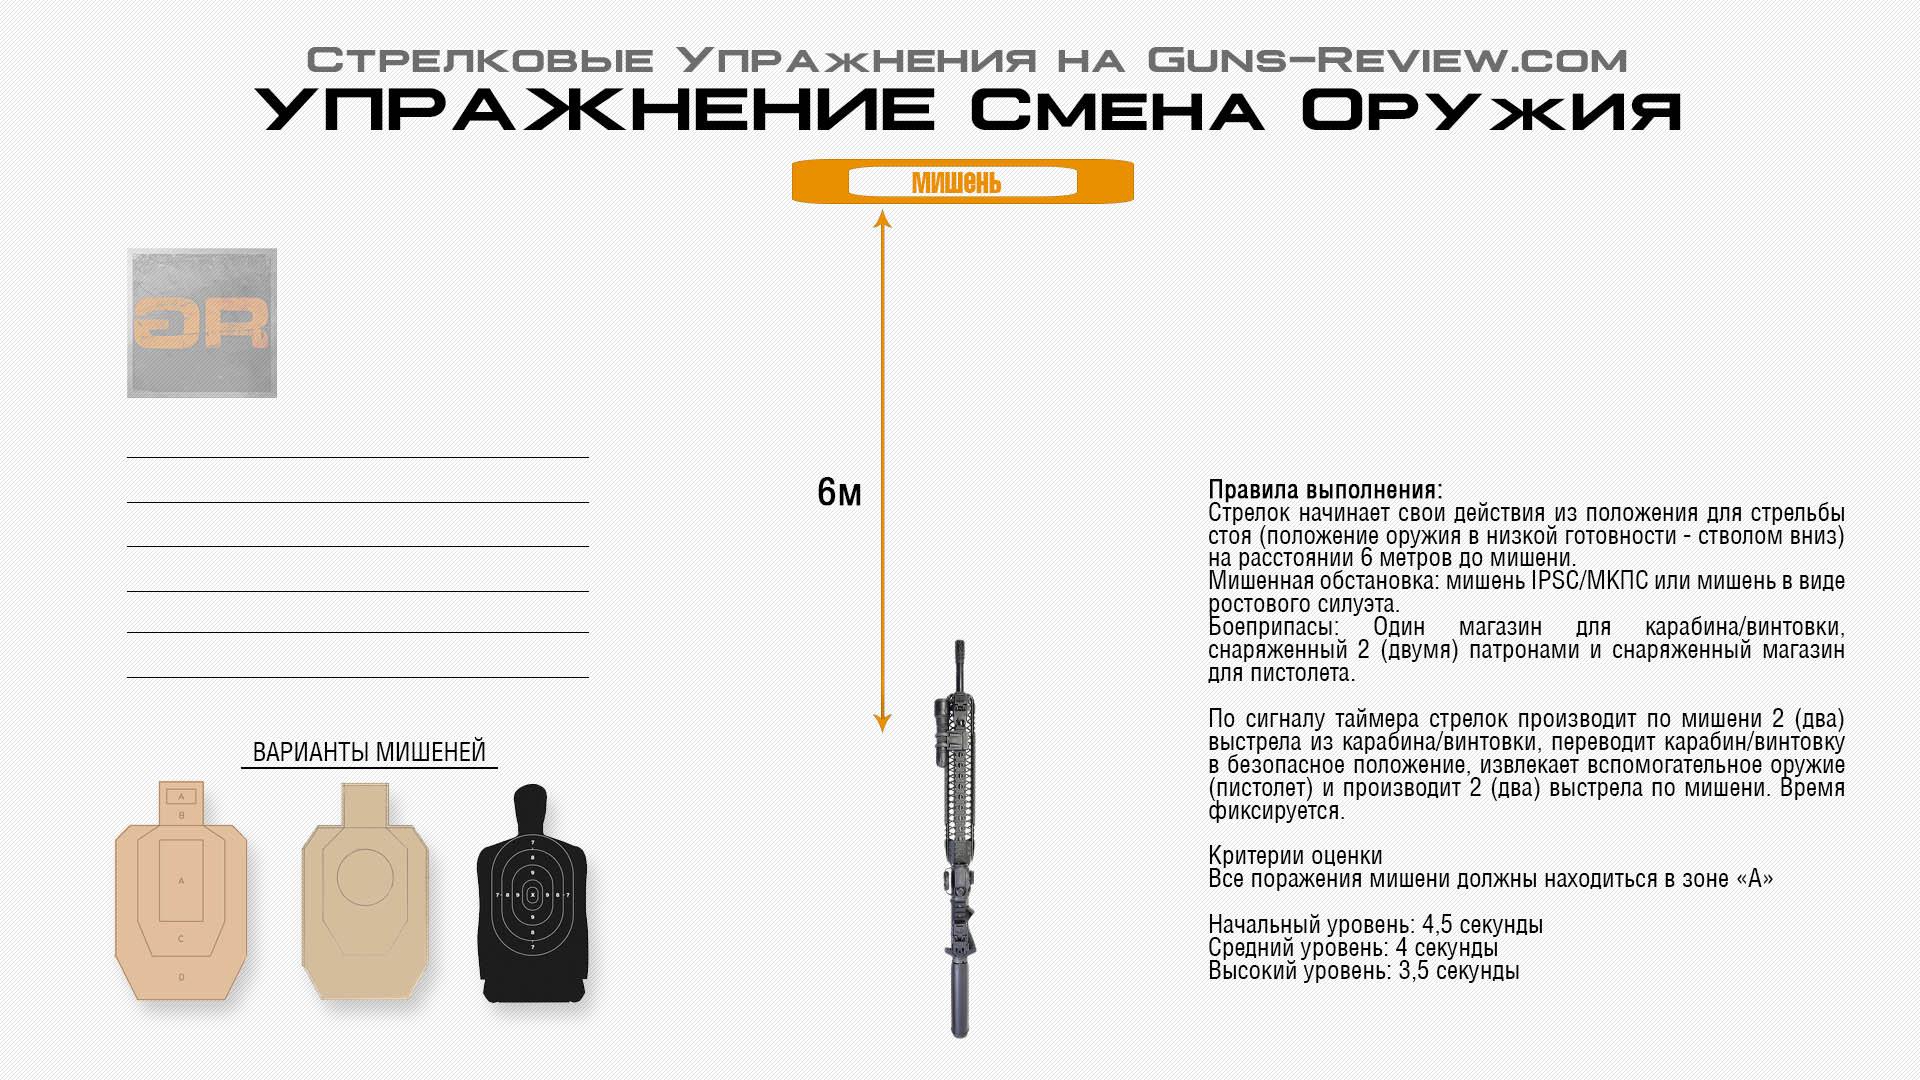 """Схема и Правила выполнения упражнения """"Смена Оружия"""""""